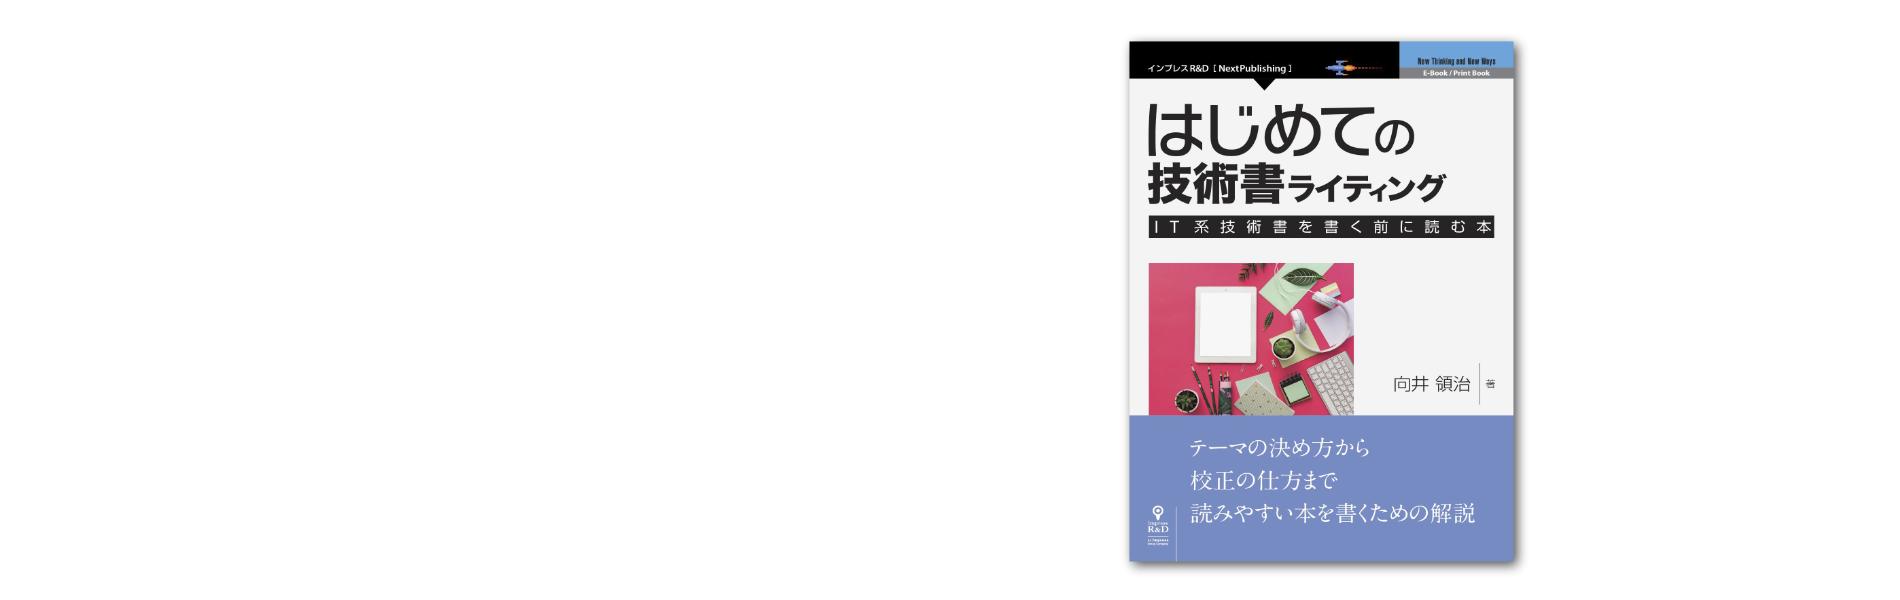 『はじめての技術書ライティング  ──IT系技術書を書く前に読む本』